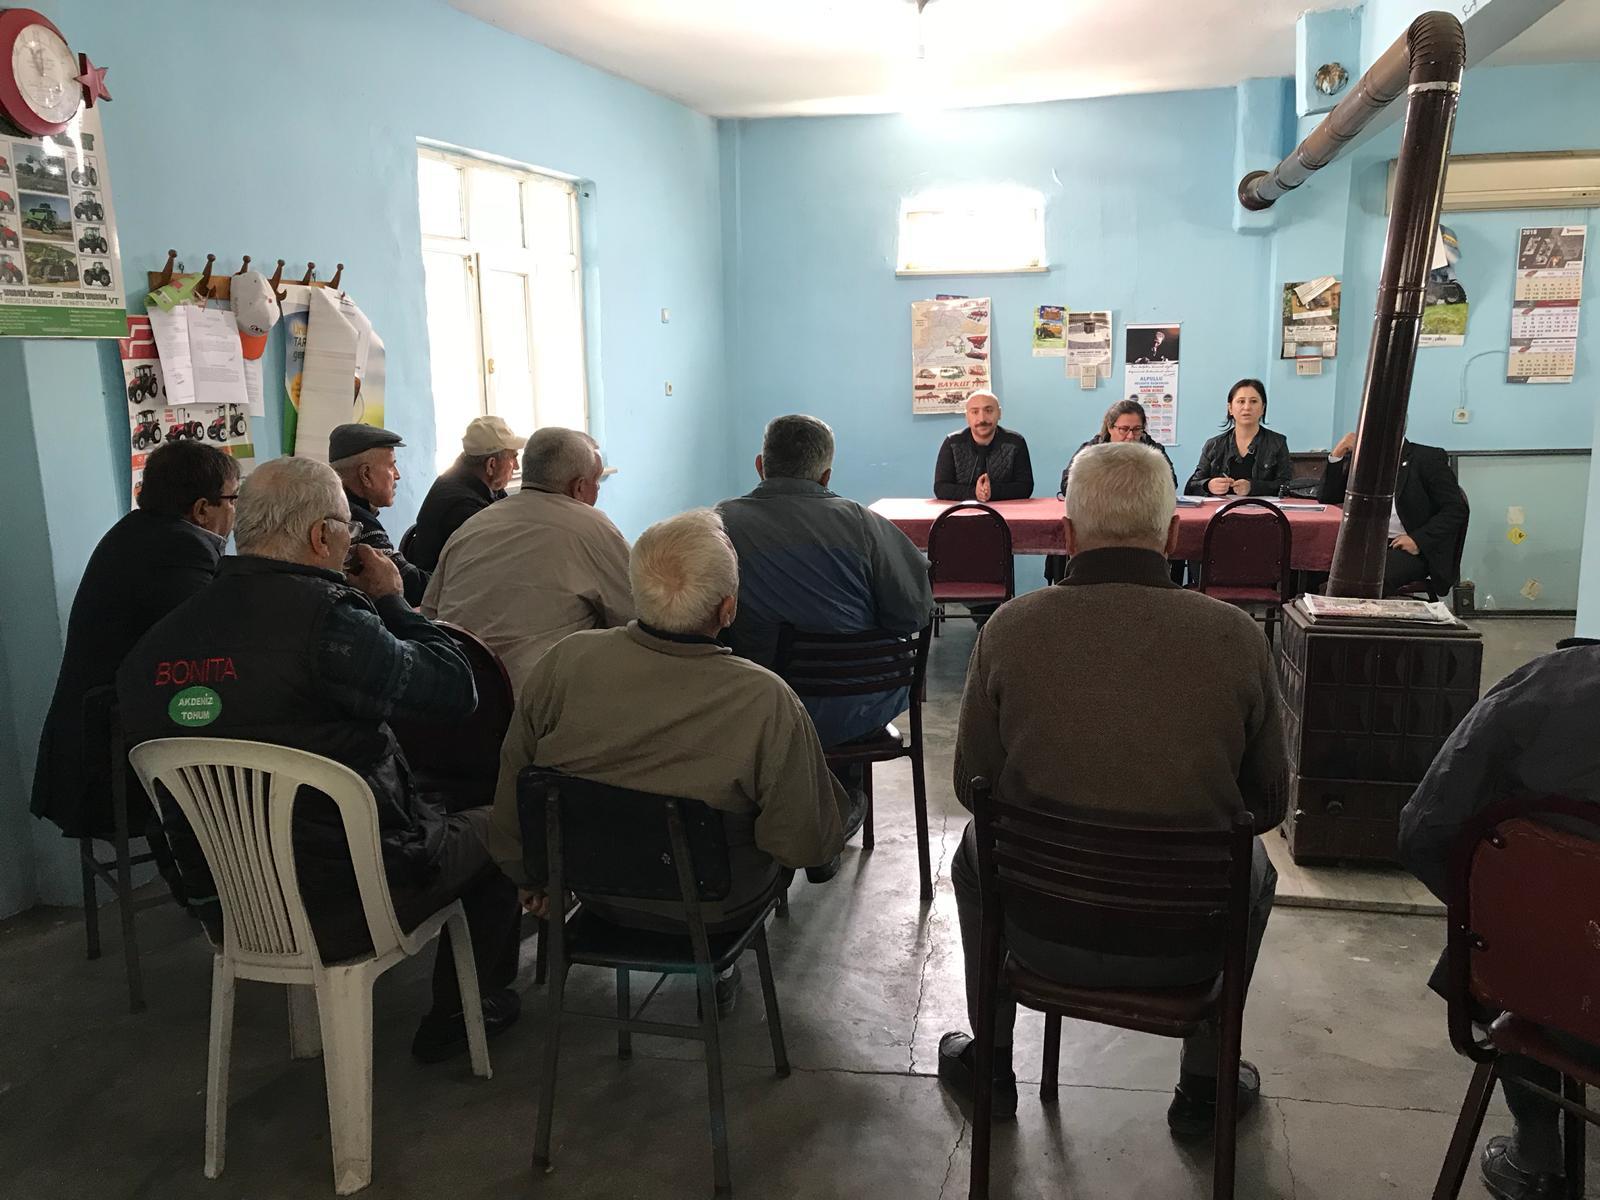 İl Müdürlüğümüz Tarafından Babaeski İlçesi Köylerinde İmar Barışı ve 387 Sıra Sayılı Milli Emlak Genel Tebliği Kapsamında Bilgilendirme Toplantıları Yapılmıştır